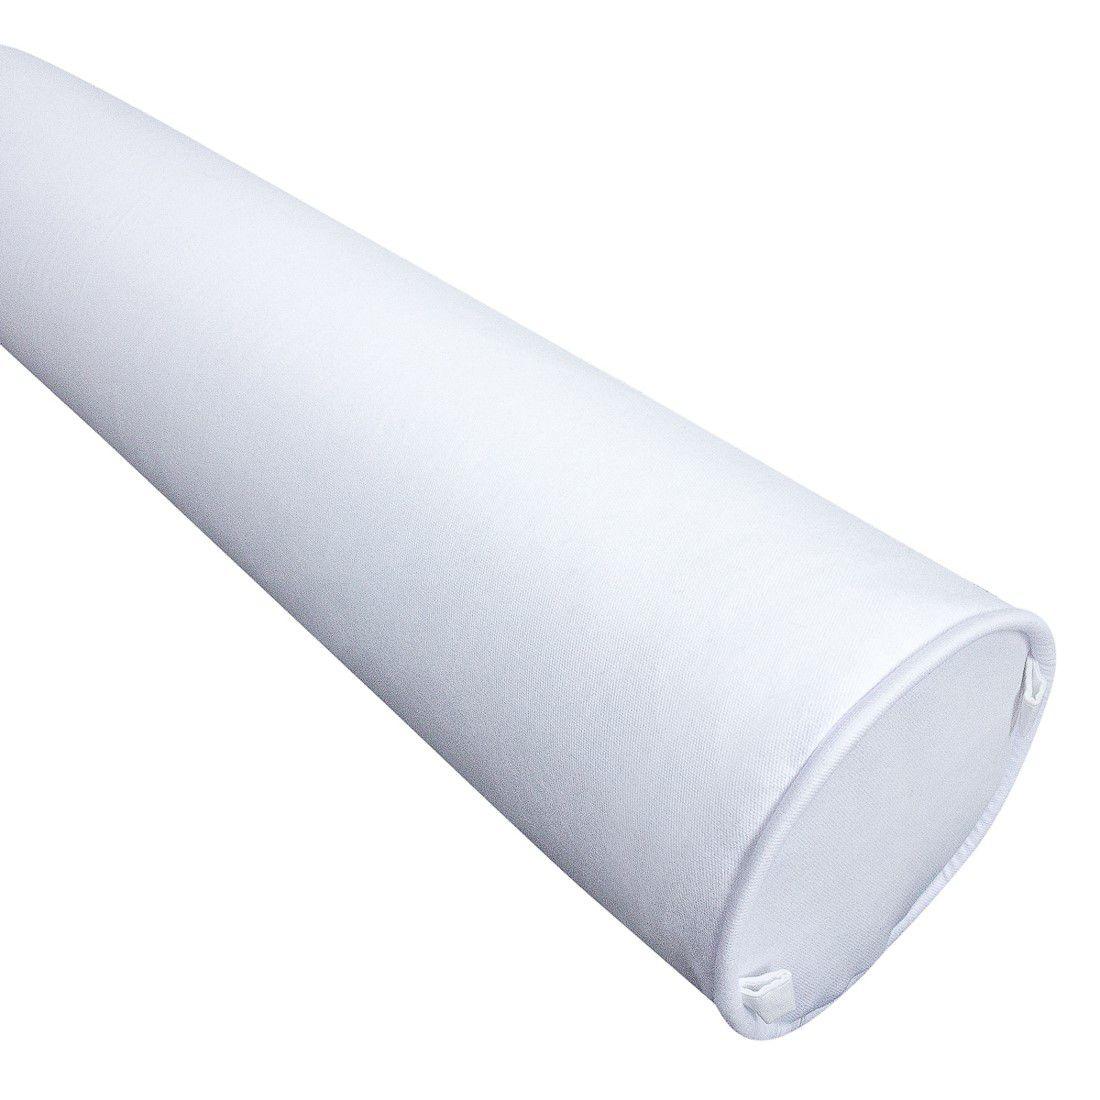 Rolo para cama solteiro 188 cm branco